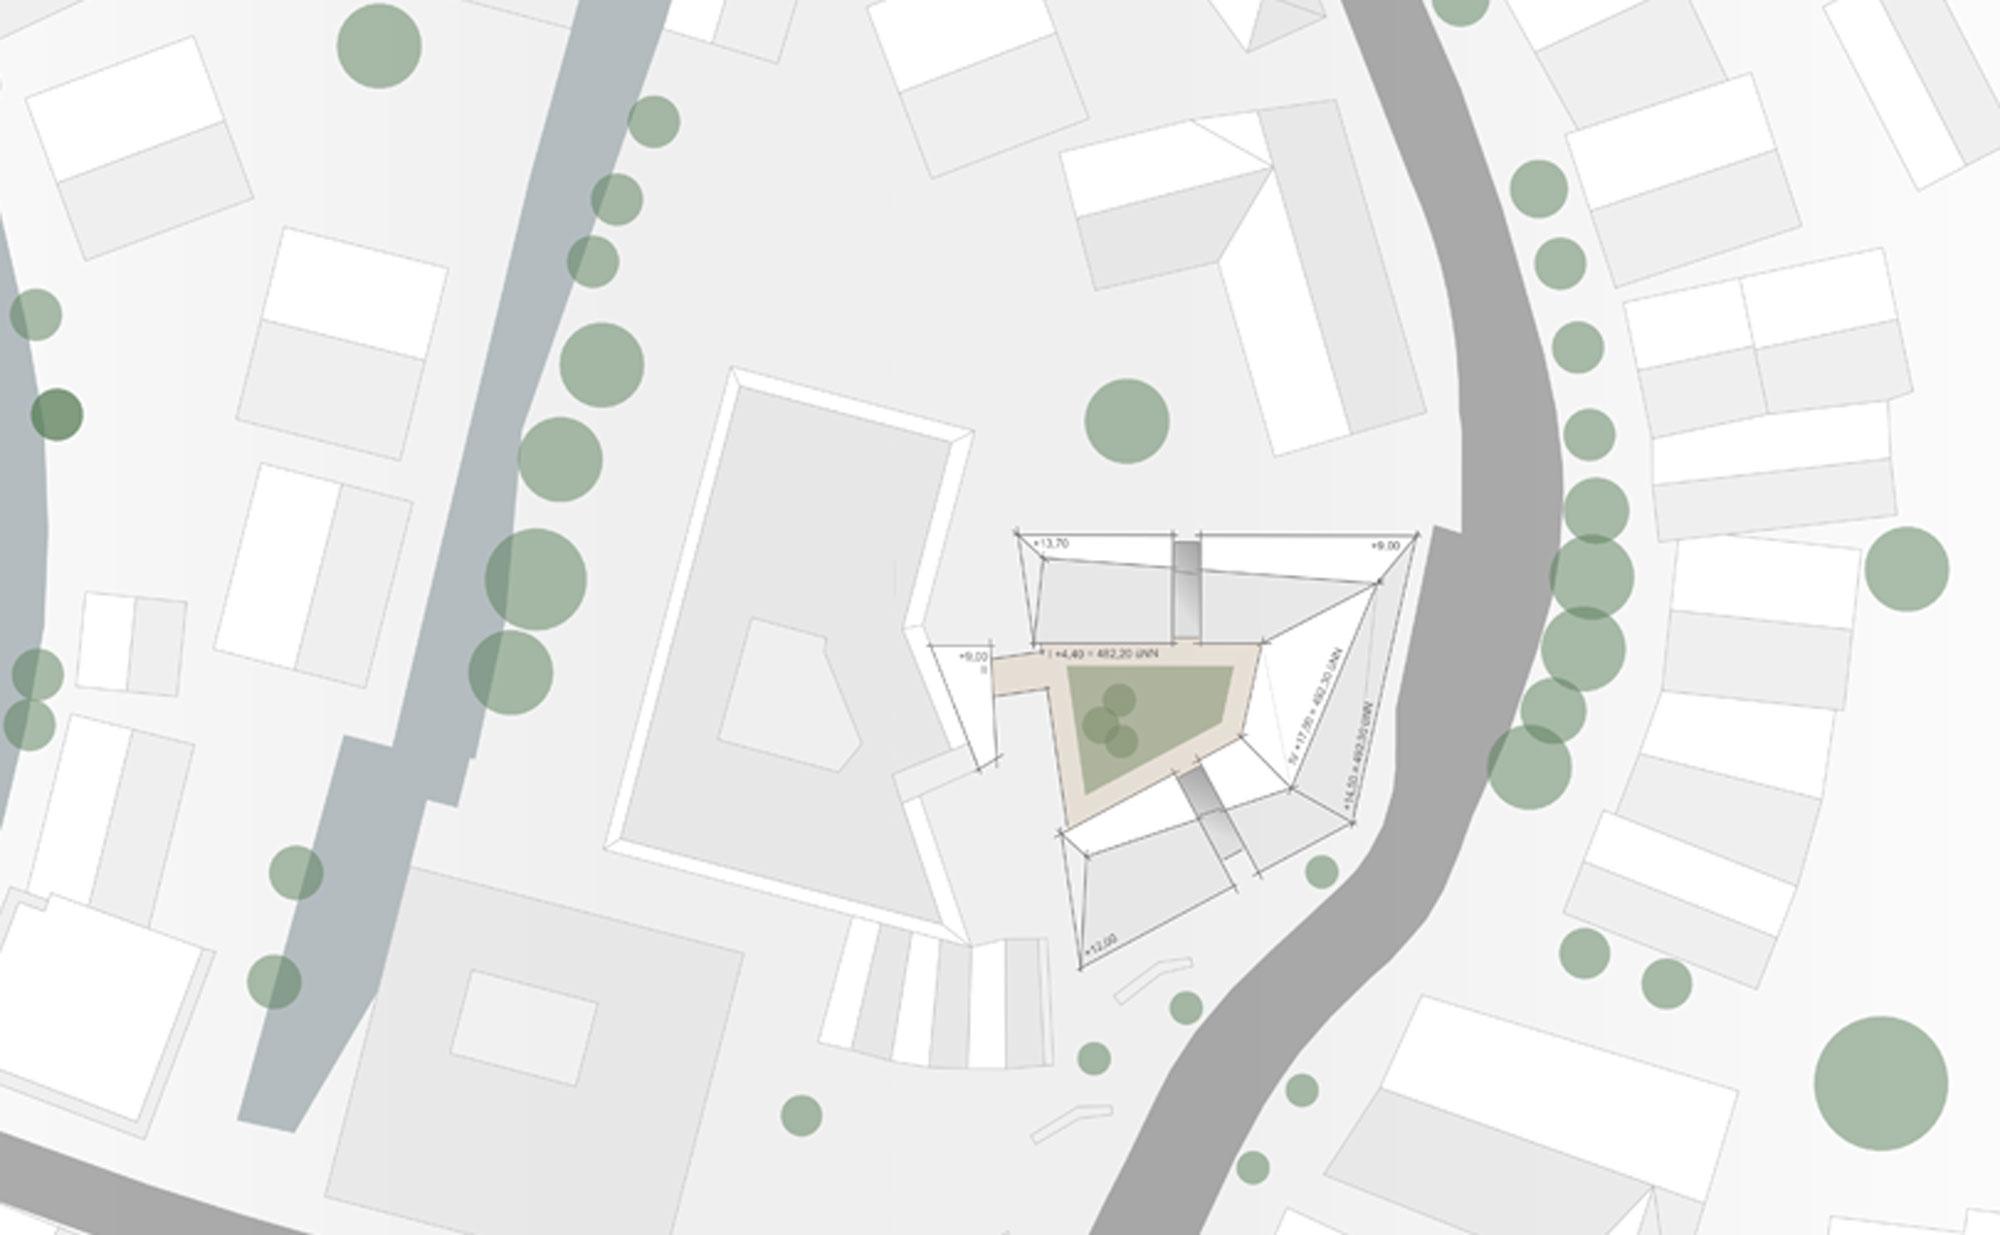 Blaesig-Architekten_Realisierungswettbewerb-Lichtspielhaus-4